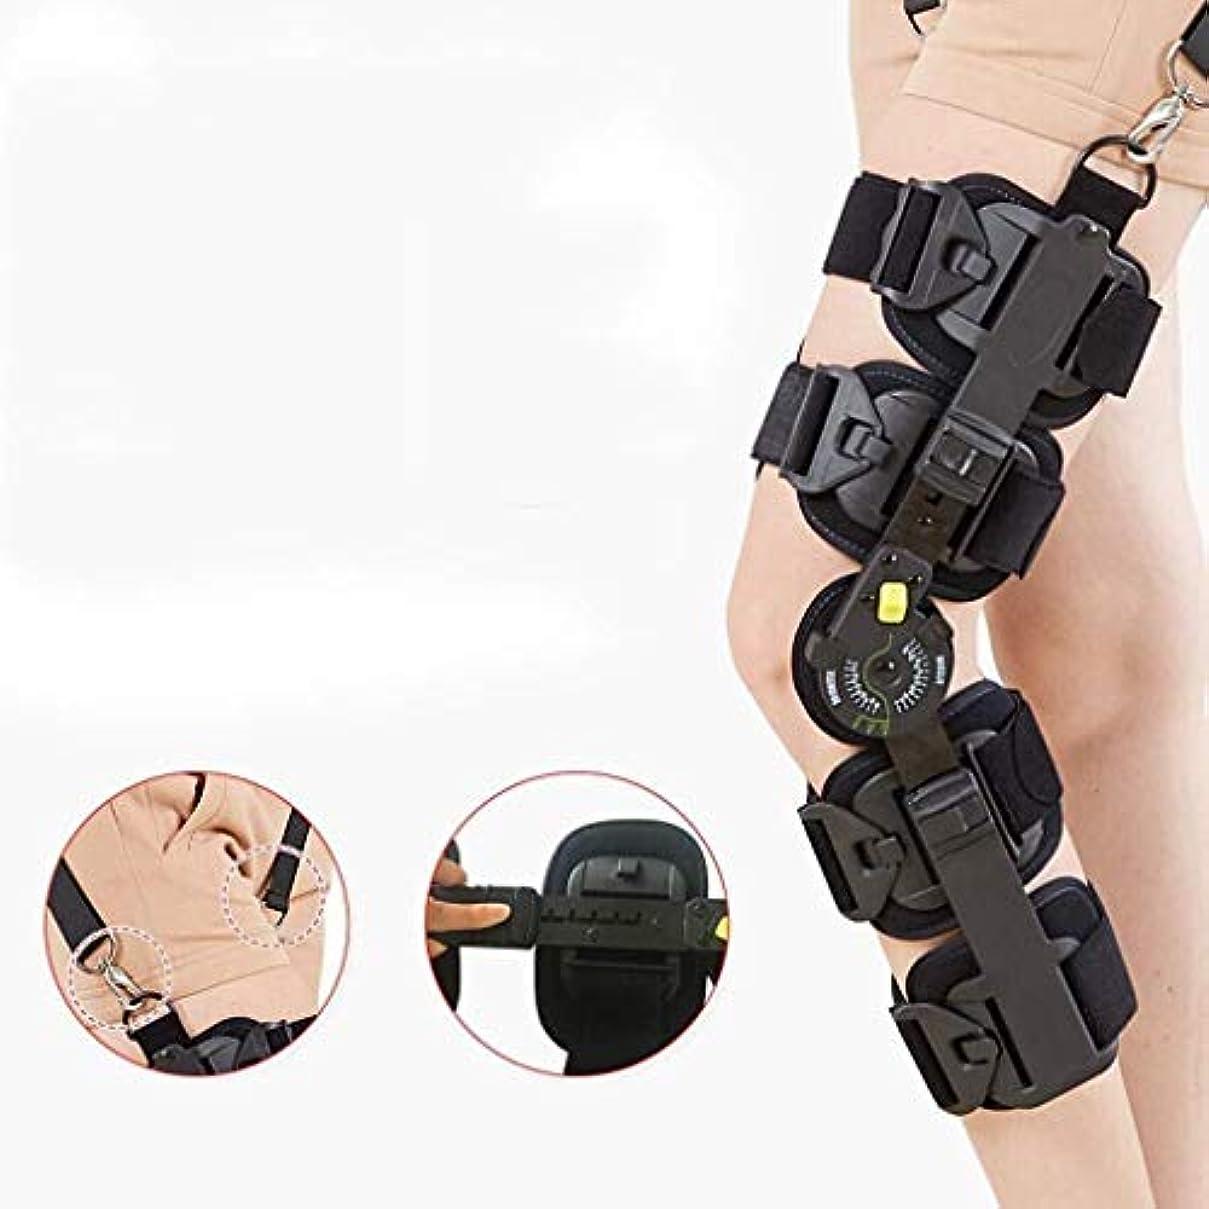 対オーディション頑張るヒンジ付き膝装具-腫れたACL、腱、靭帯、および半月板の損傷に対する調節可能なオープン膝蓋骨サポート-ランニング、レスリング、関節炎の関節の運動圧縮ラップ